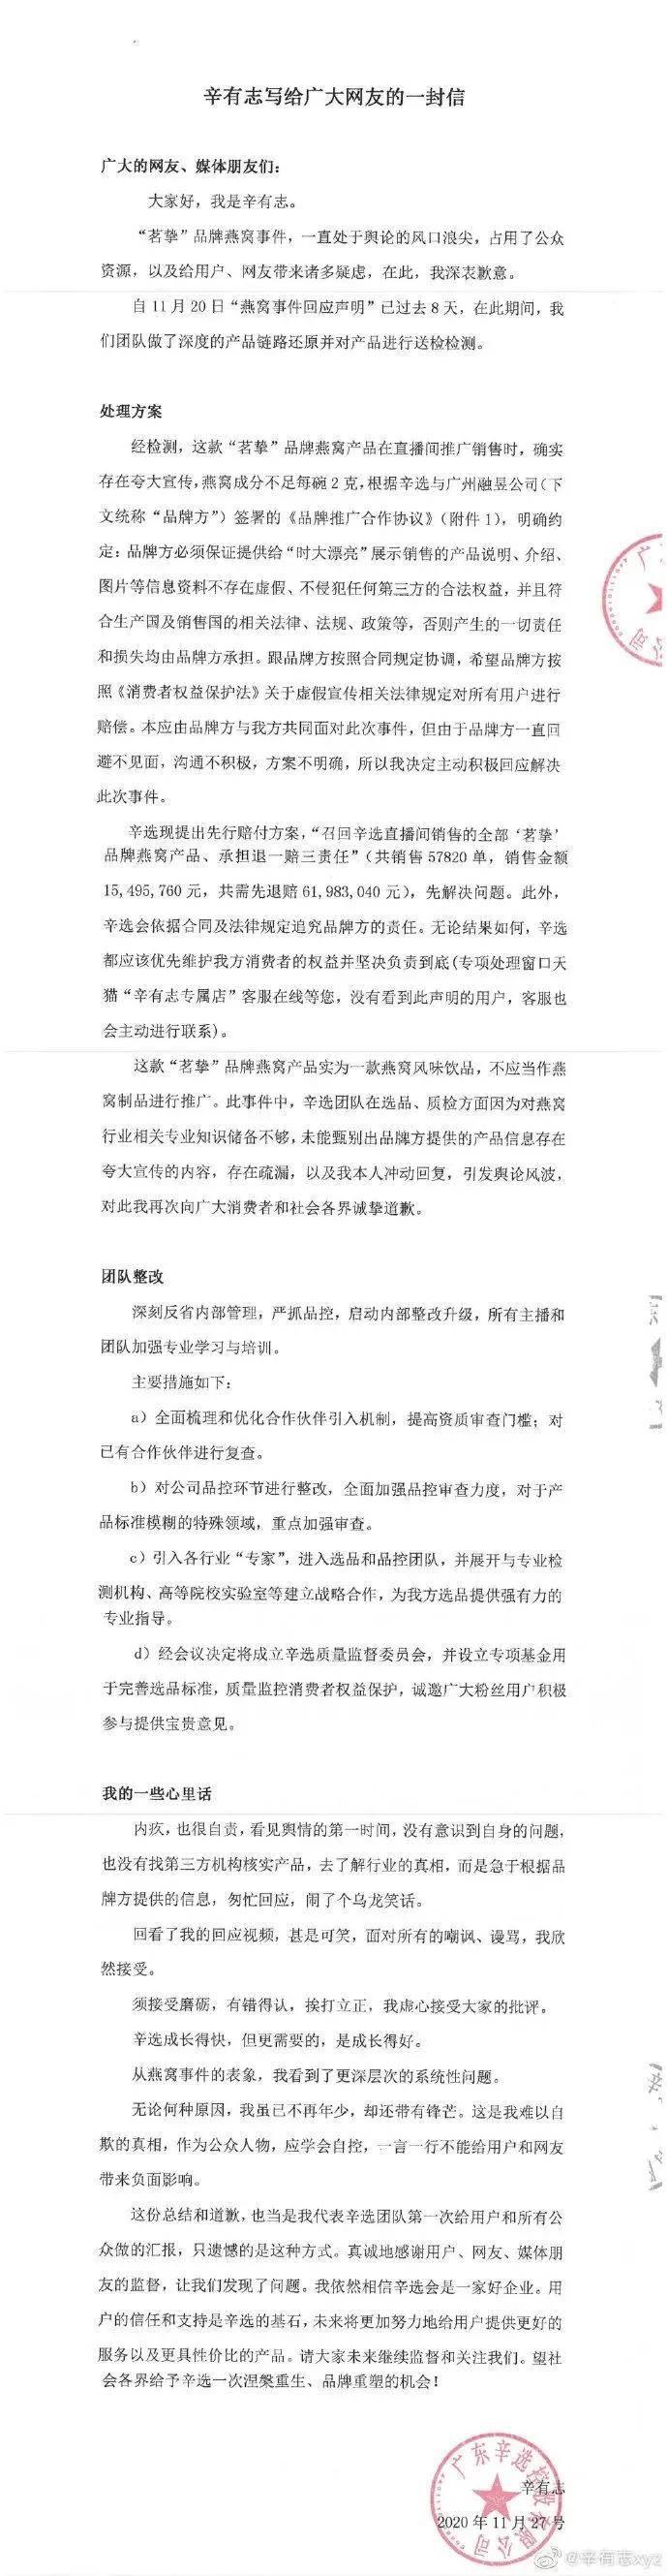 """辛巴被""""点名"""":退款赔钱6200万!诚信""""红线""""不容跨越插图1"""